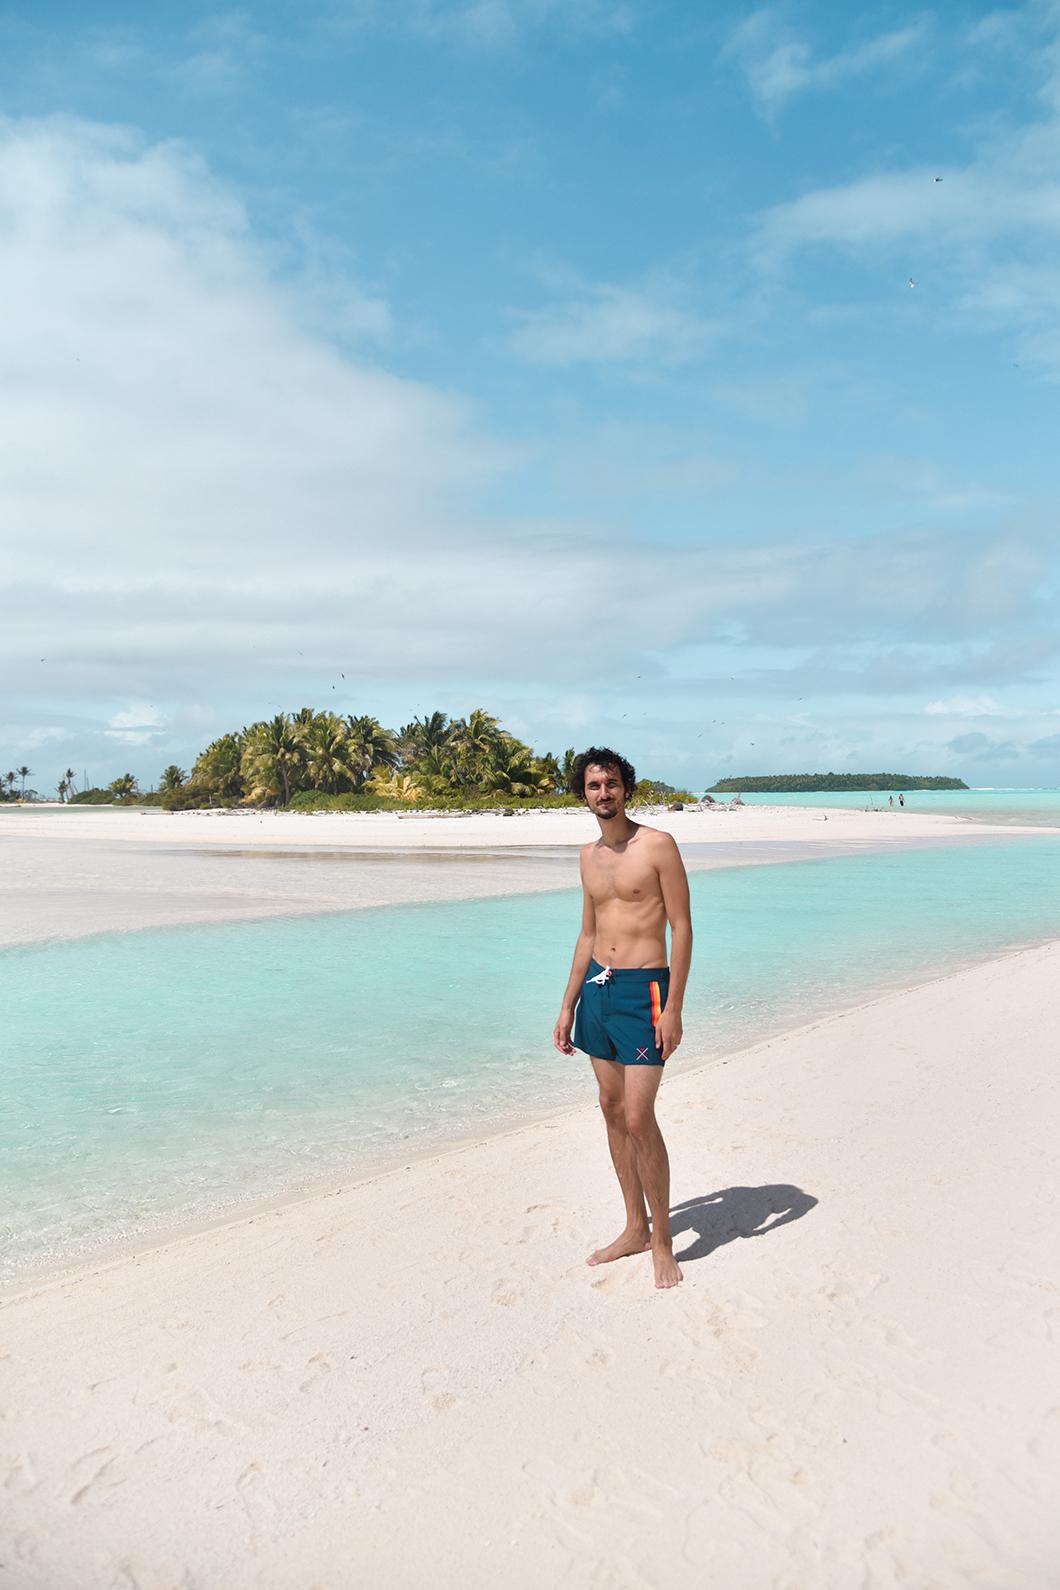 Découverte des plages de Tetiaroa en Polynésie Française